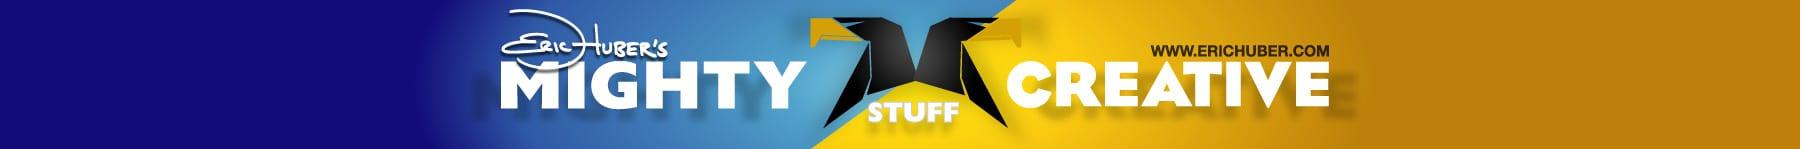 Eric Huber's Mighty Creative Stuff Website Banner